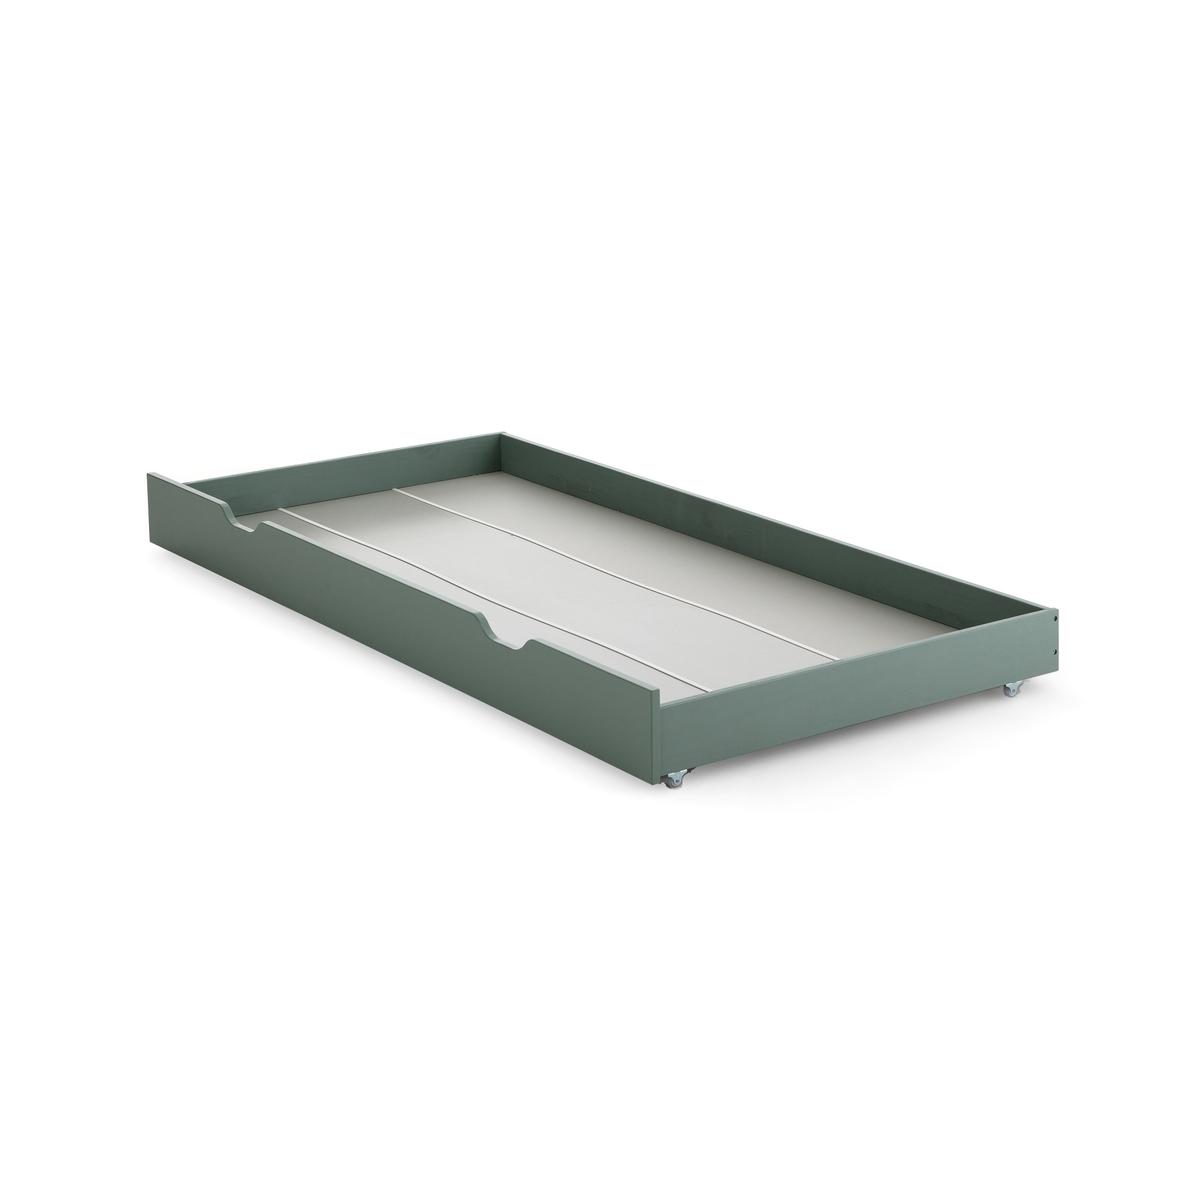 Ящик LaRedoute Хранения для кровати-шатра Archi единый размер зеленый